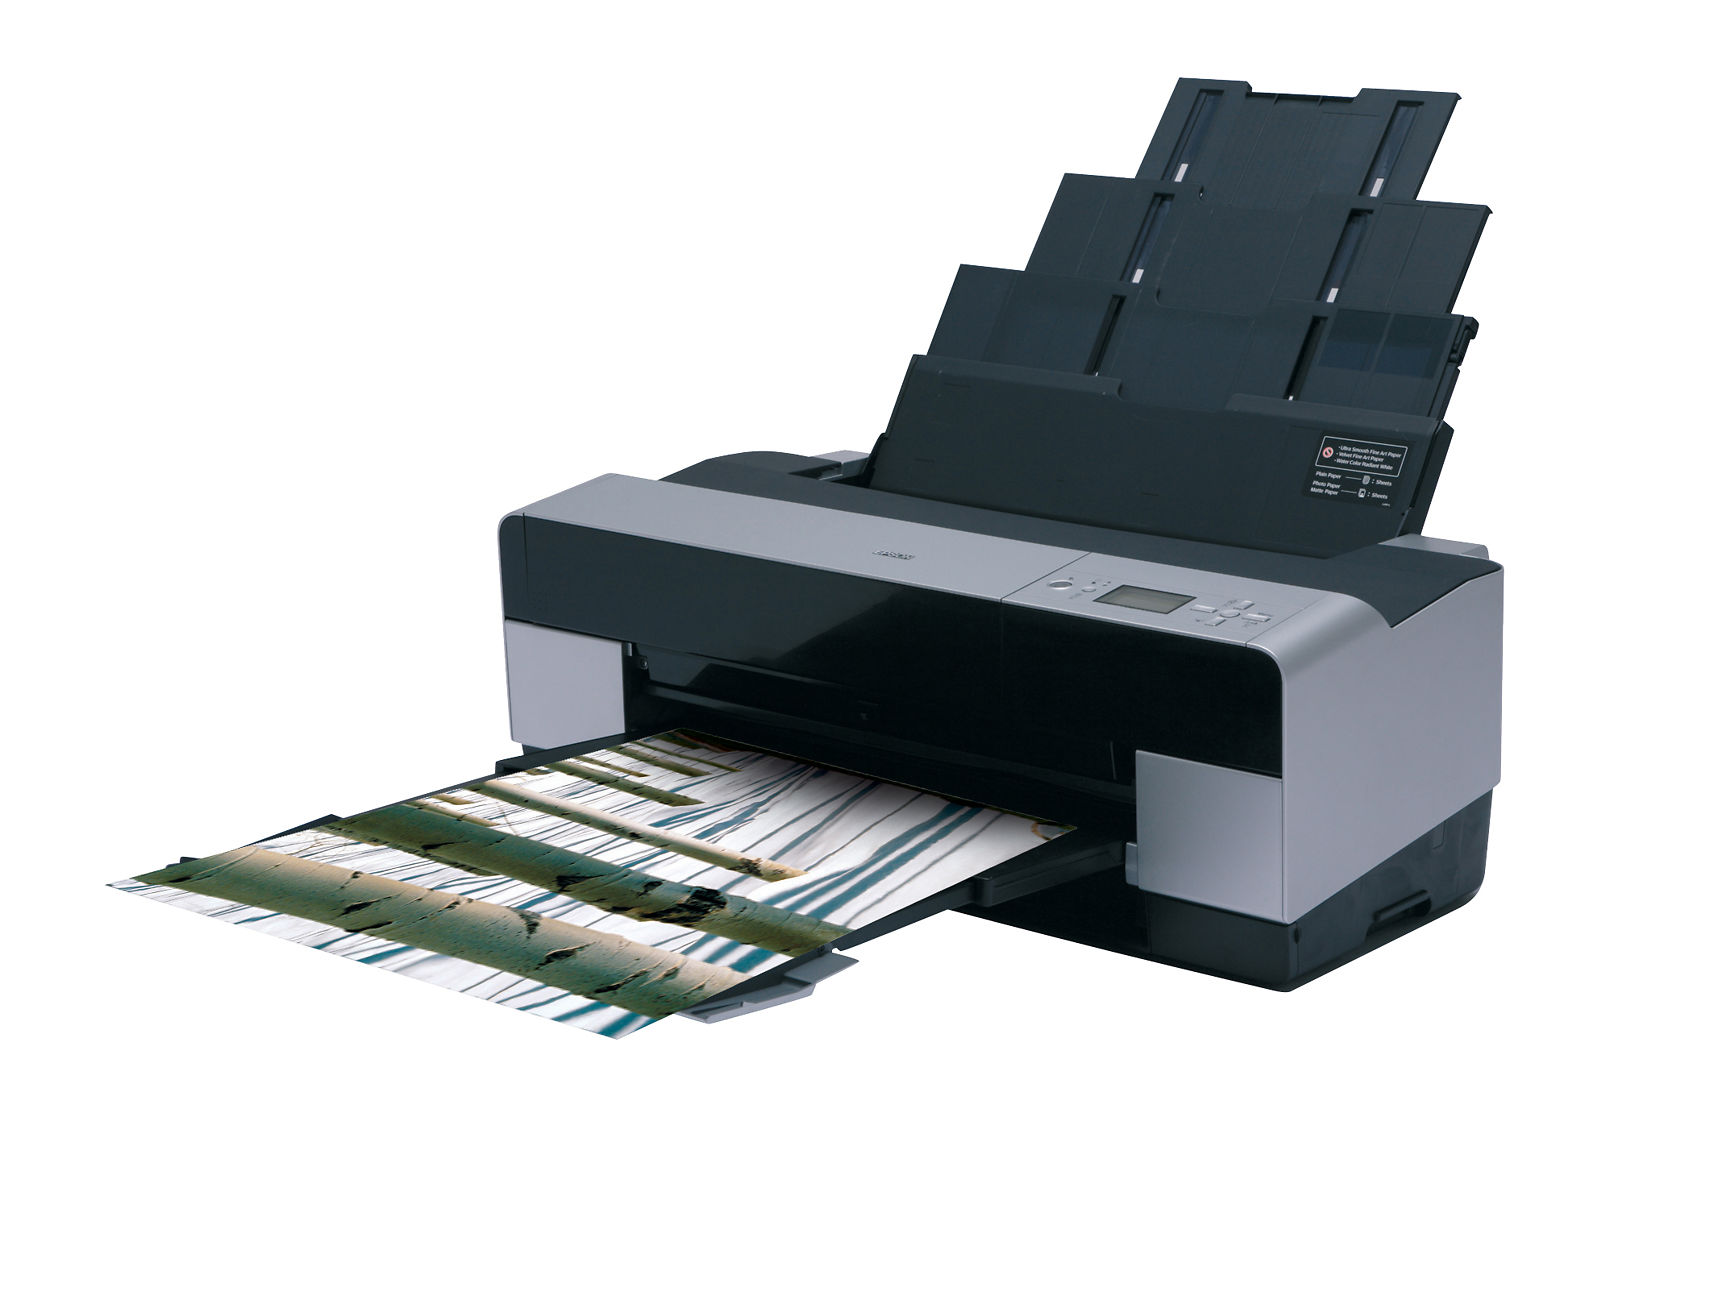 Epson Stylus Pro 3800 Inks Image